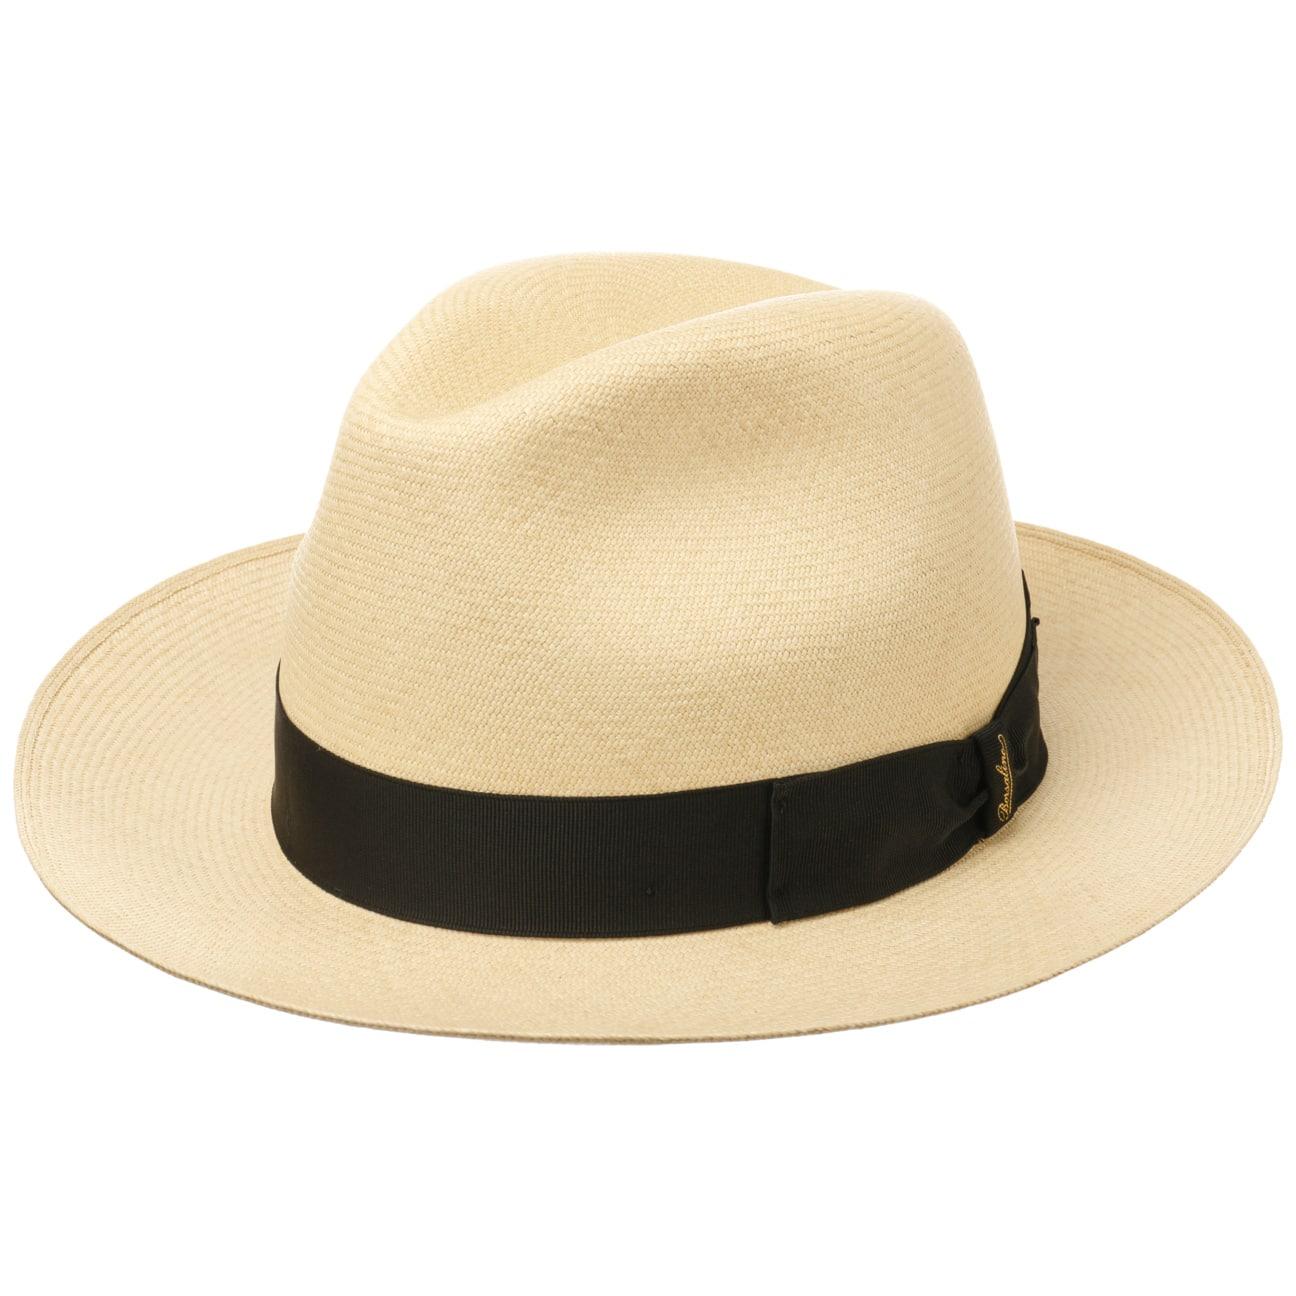 data di rilascio più recente compra meglio Cappello Panama Bogart Premium by Borsalino